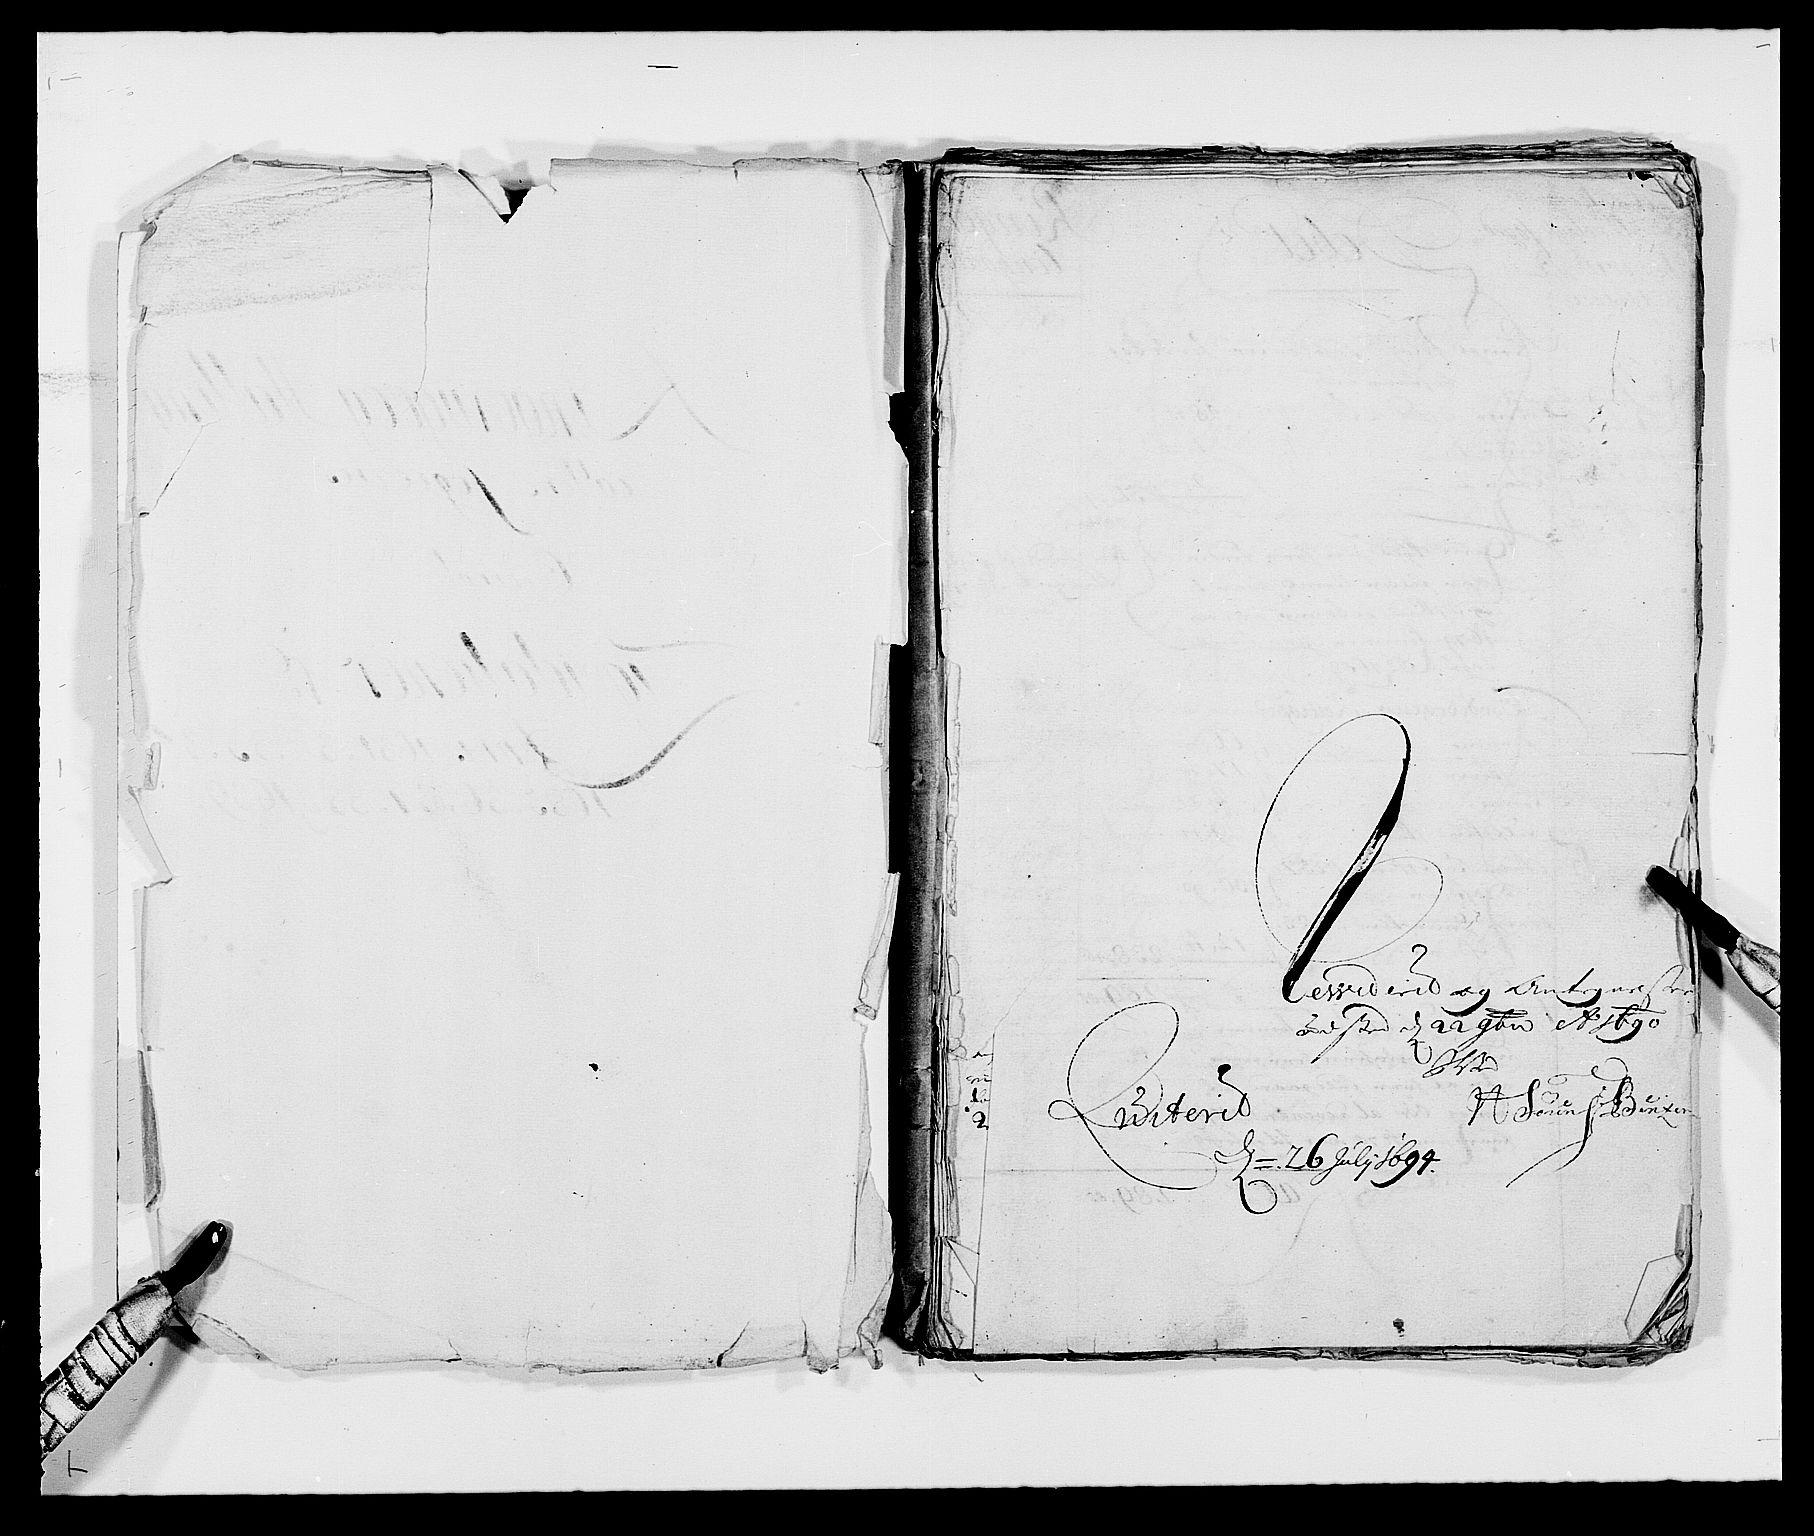 RA, Rentekammeret inntil 1814, Reviderte regnskaper, Fogderegnskap, R21/L1445: Fogderegnskap Ringerike og Hallingdal, 1681-1689, s. 2